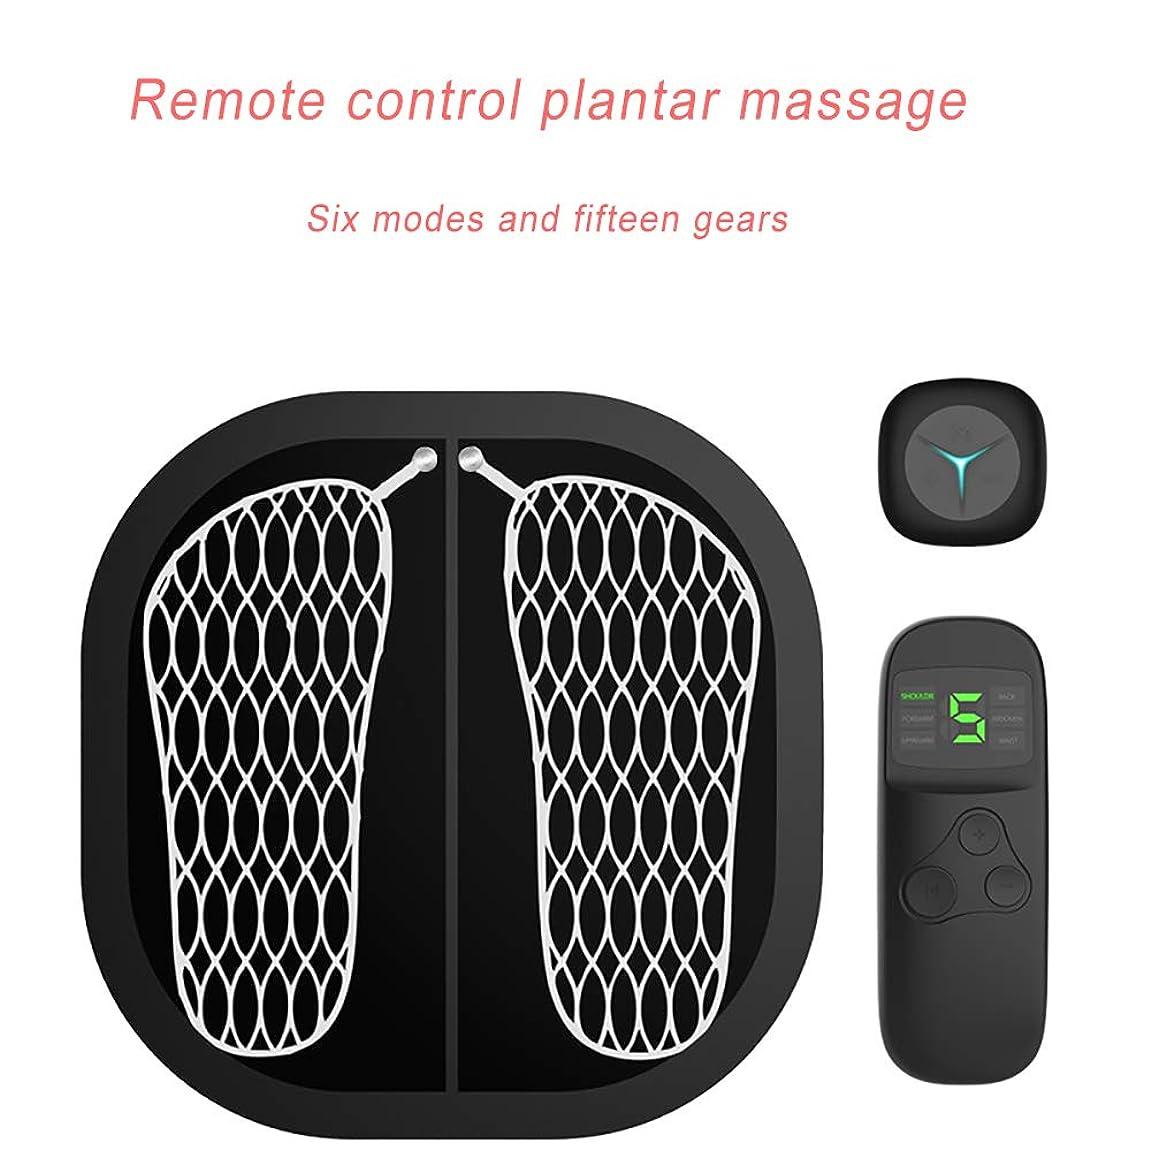 リゾート忠実肥料EMSフットサーキュレーションマッサージ、多機能インテリジェントフットマッサージ、鍼治療のポイントを刺激、痛みを和らげ、疲労を軽減6モードUSB充電,Black